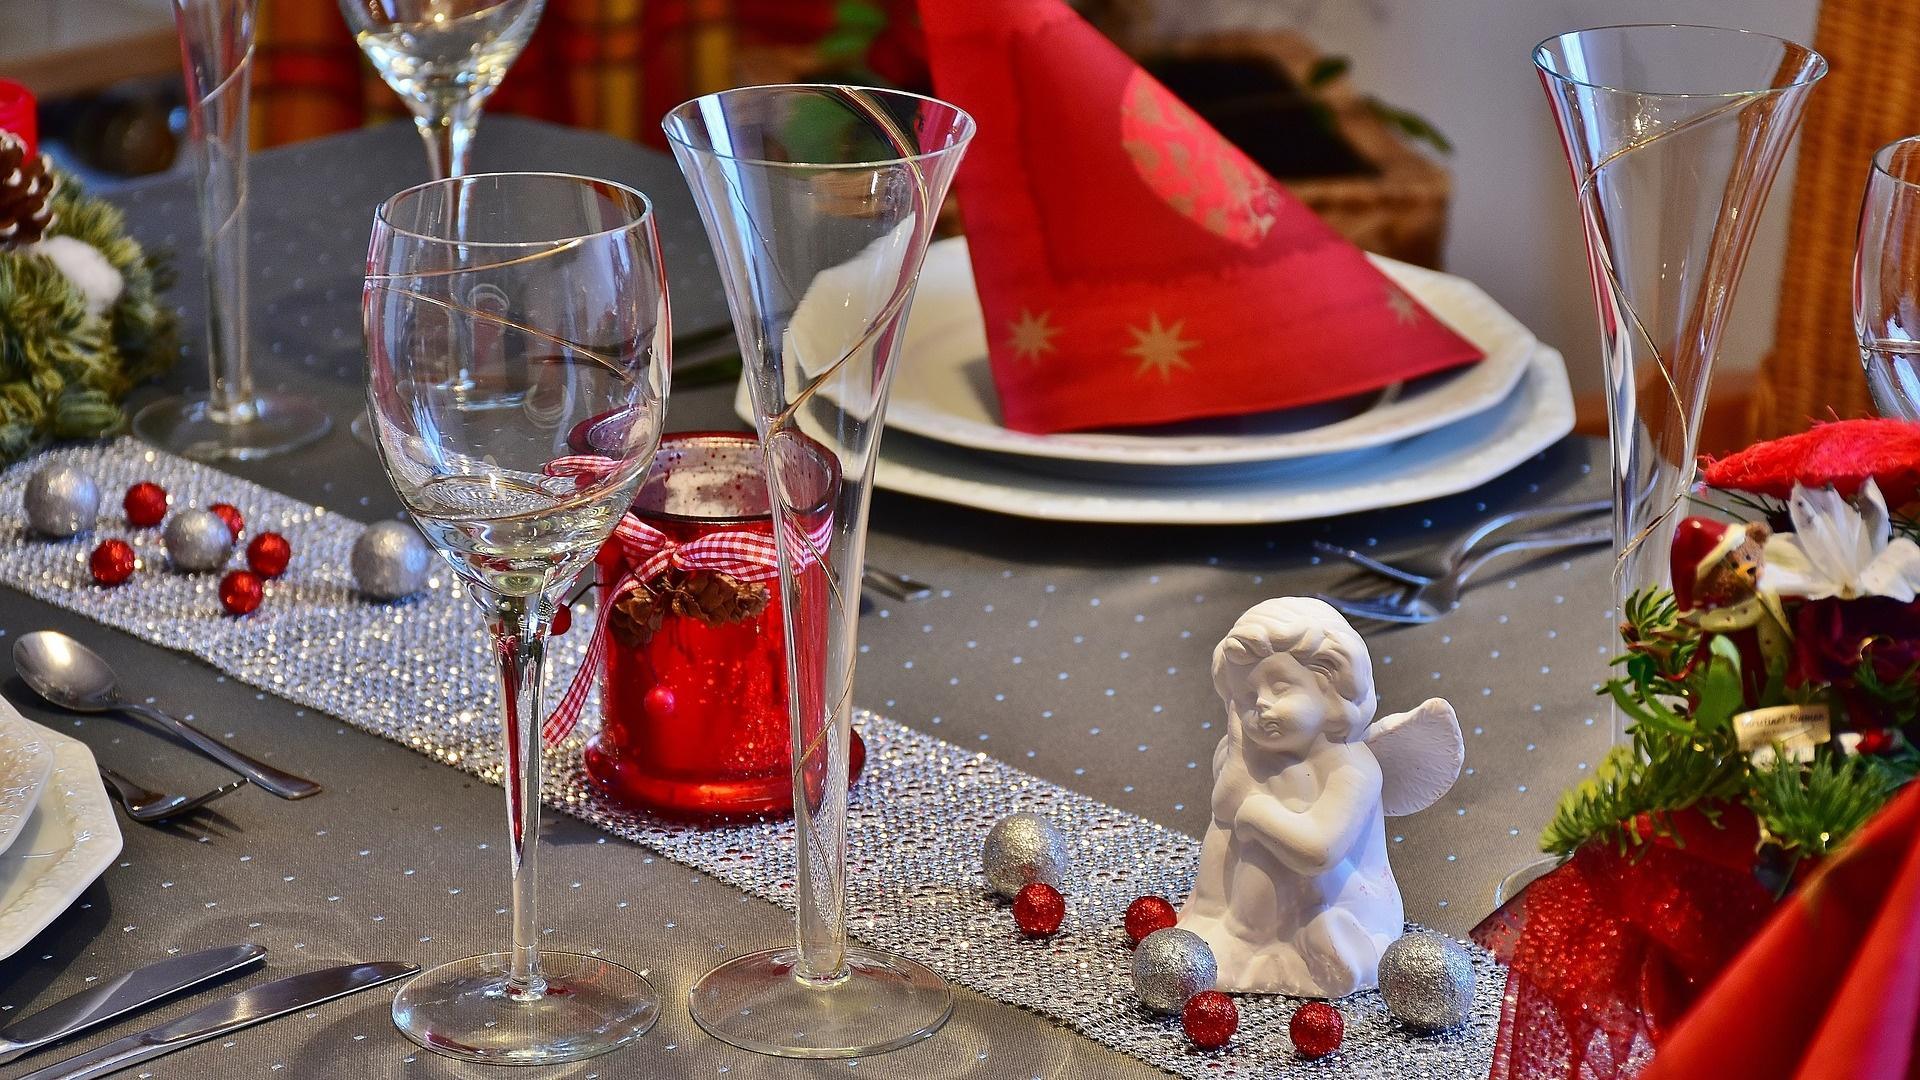 Deko an Weihnachten: So arrangieren Sie den perfekten Tisch